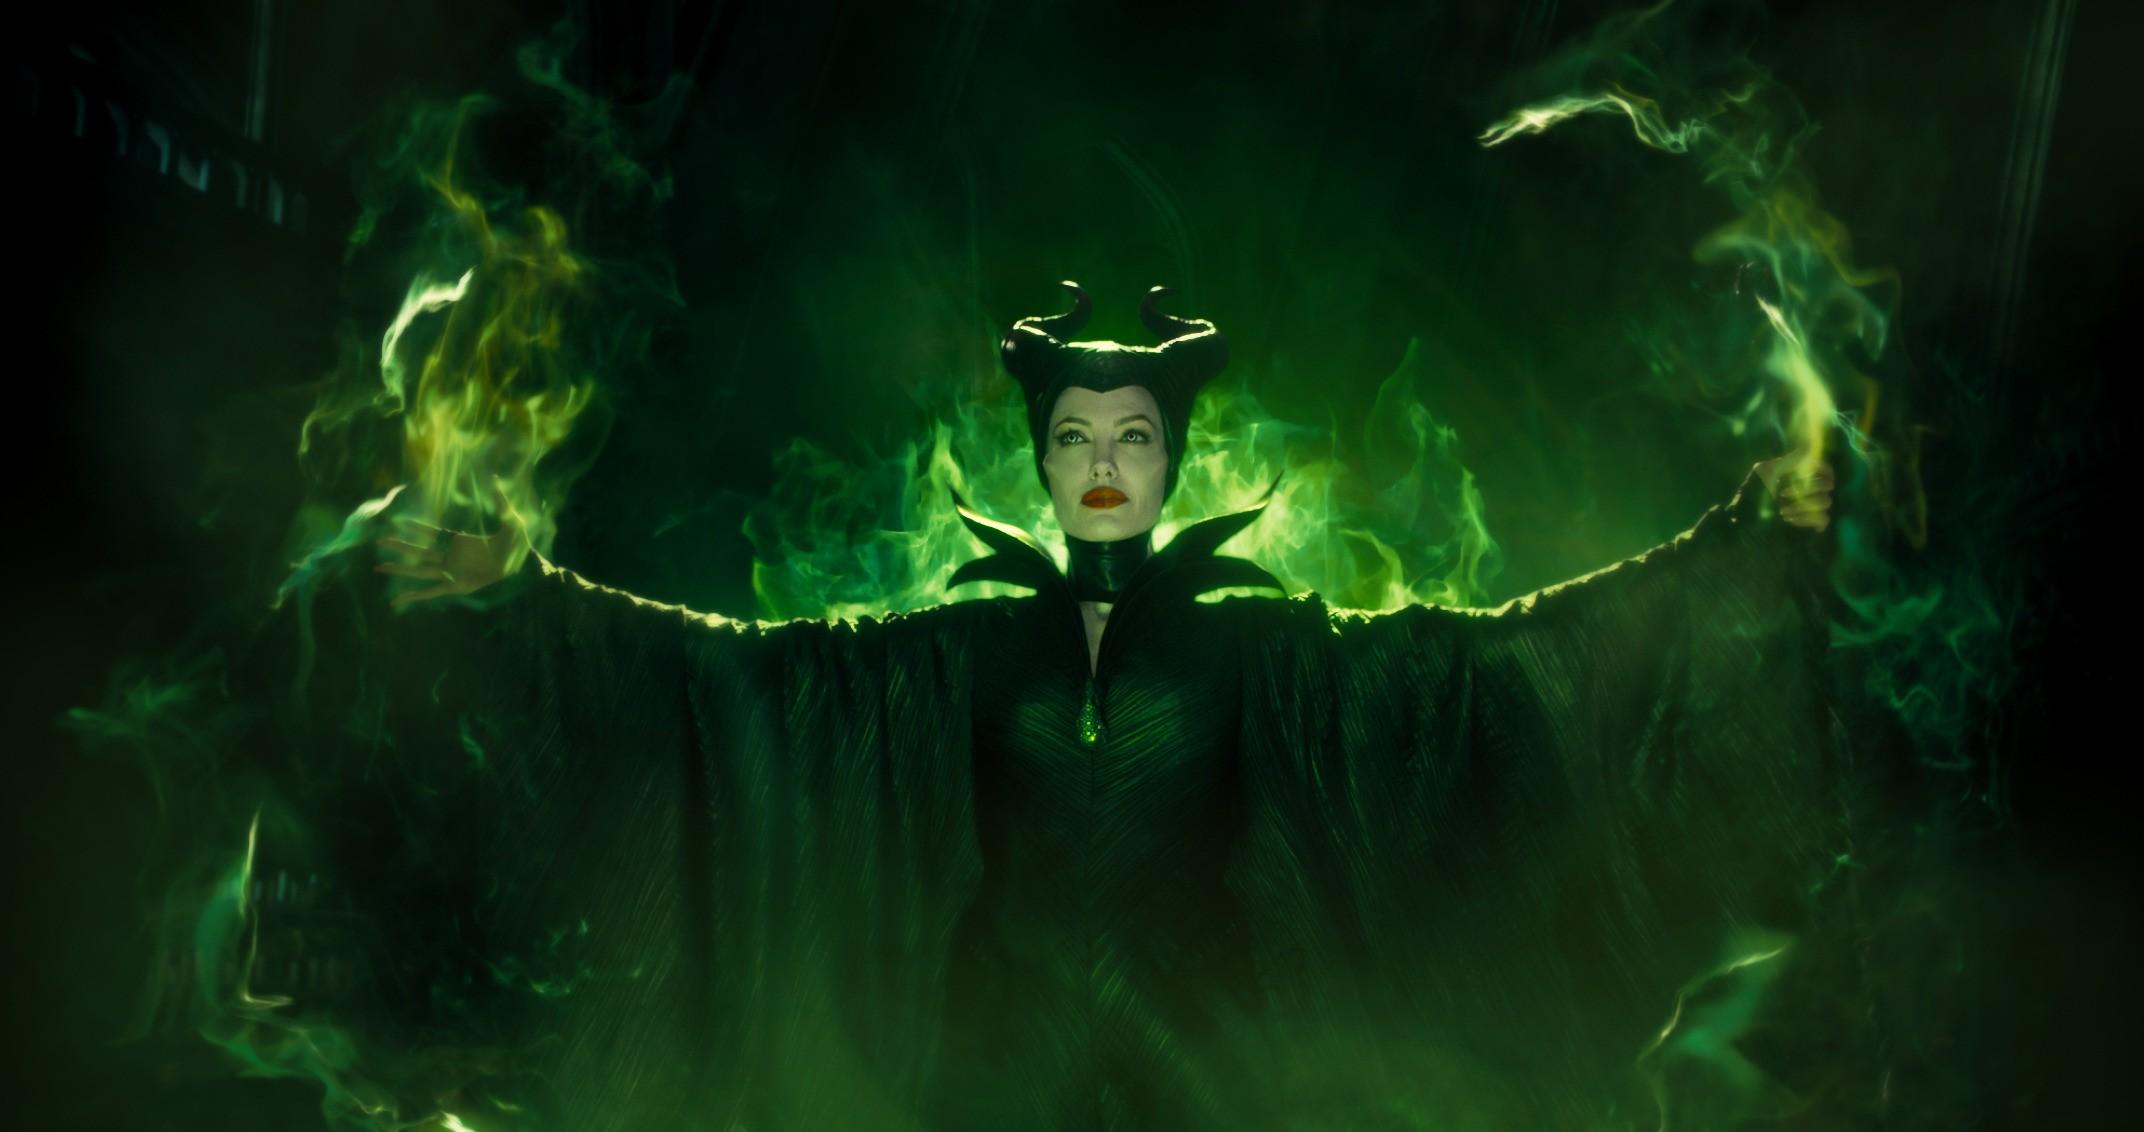 Malévola (Maleficent) (Foto: Divulgação)